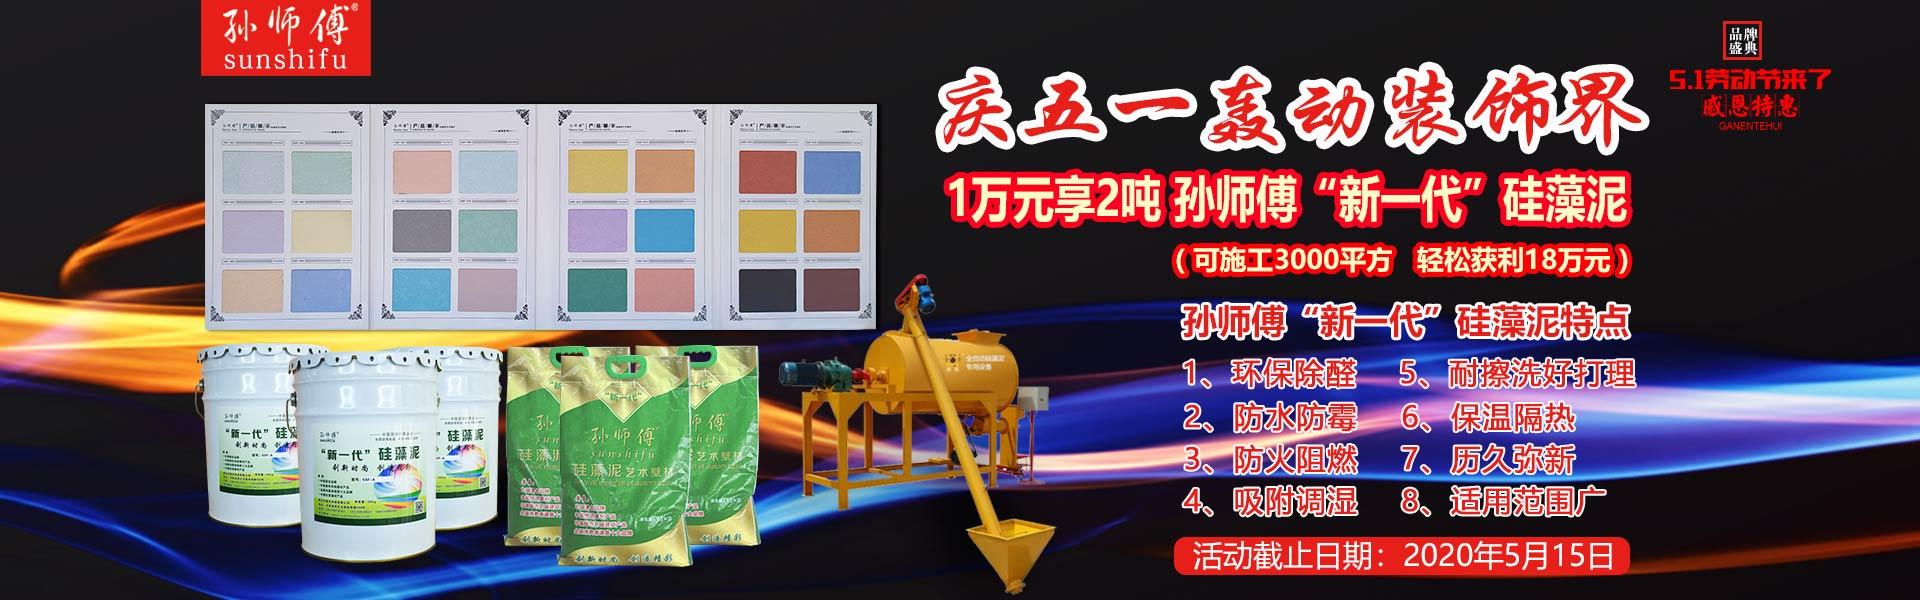 字幕网app 下载ios